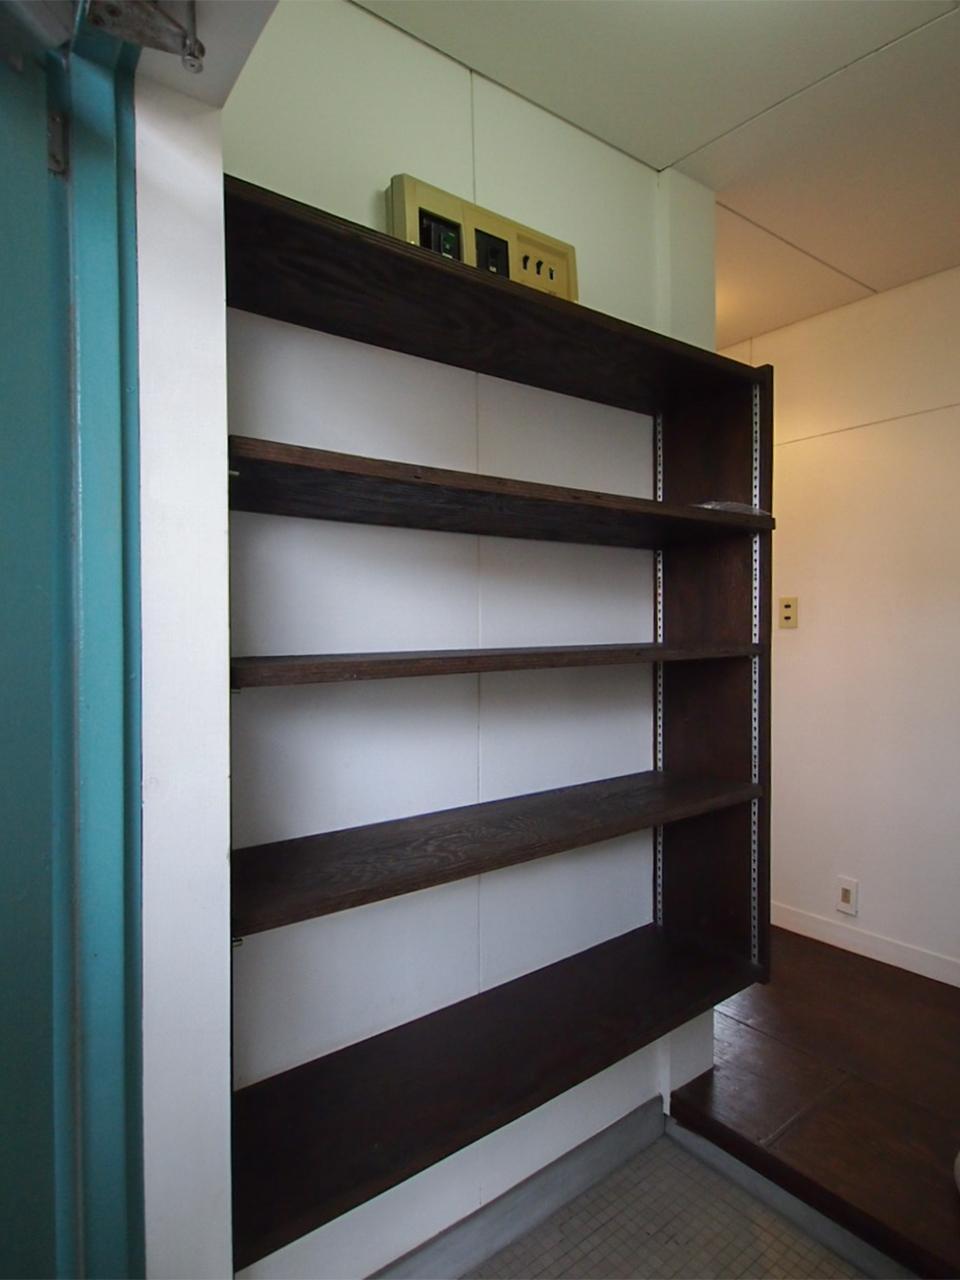 棚板を調整できる靴箱